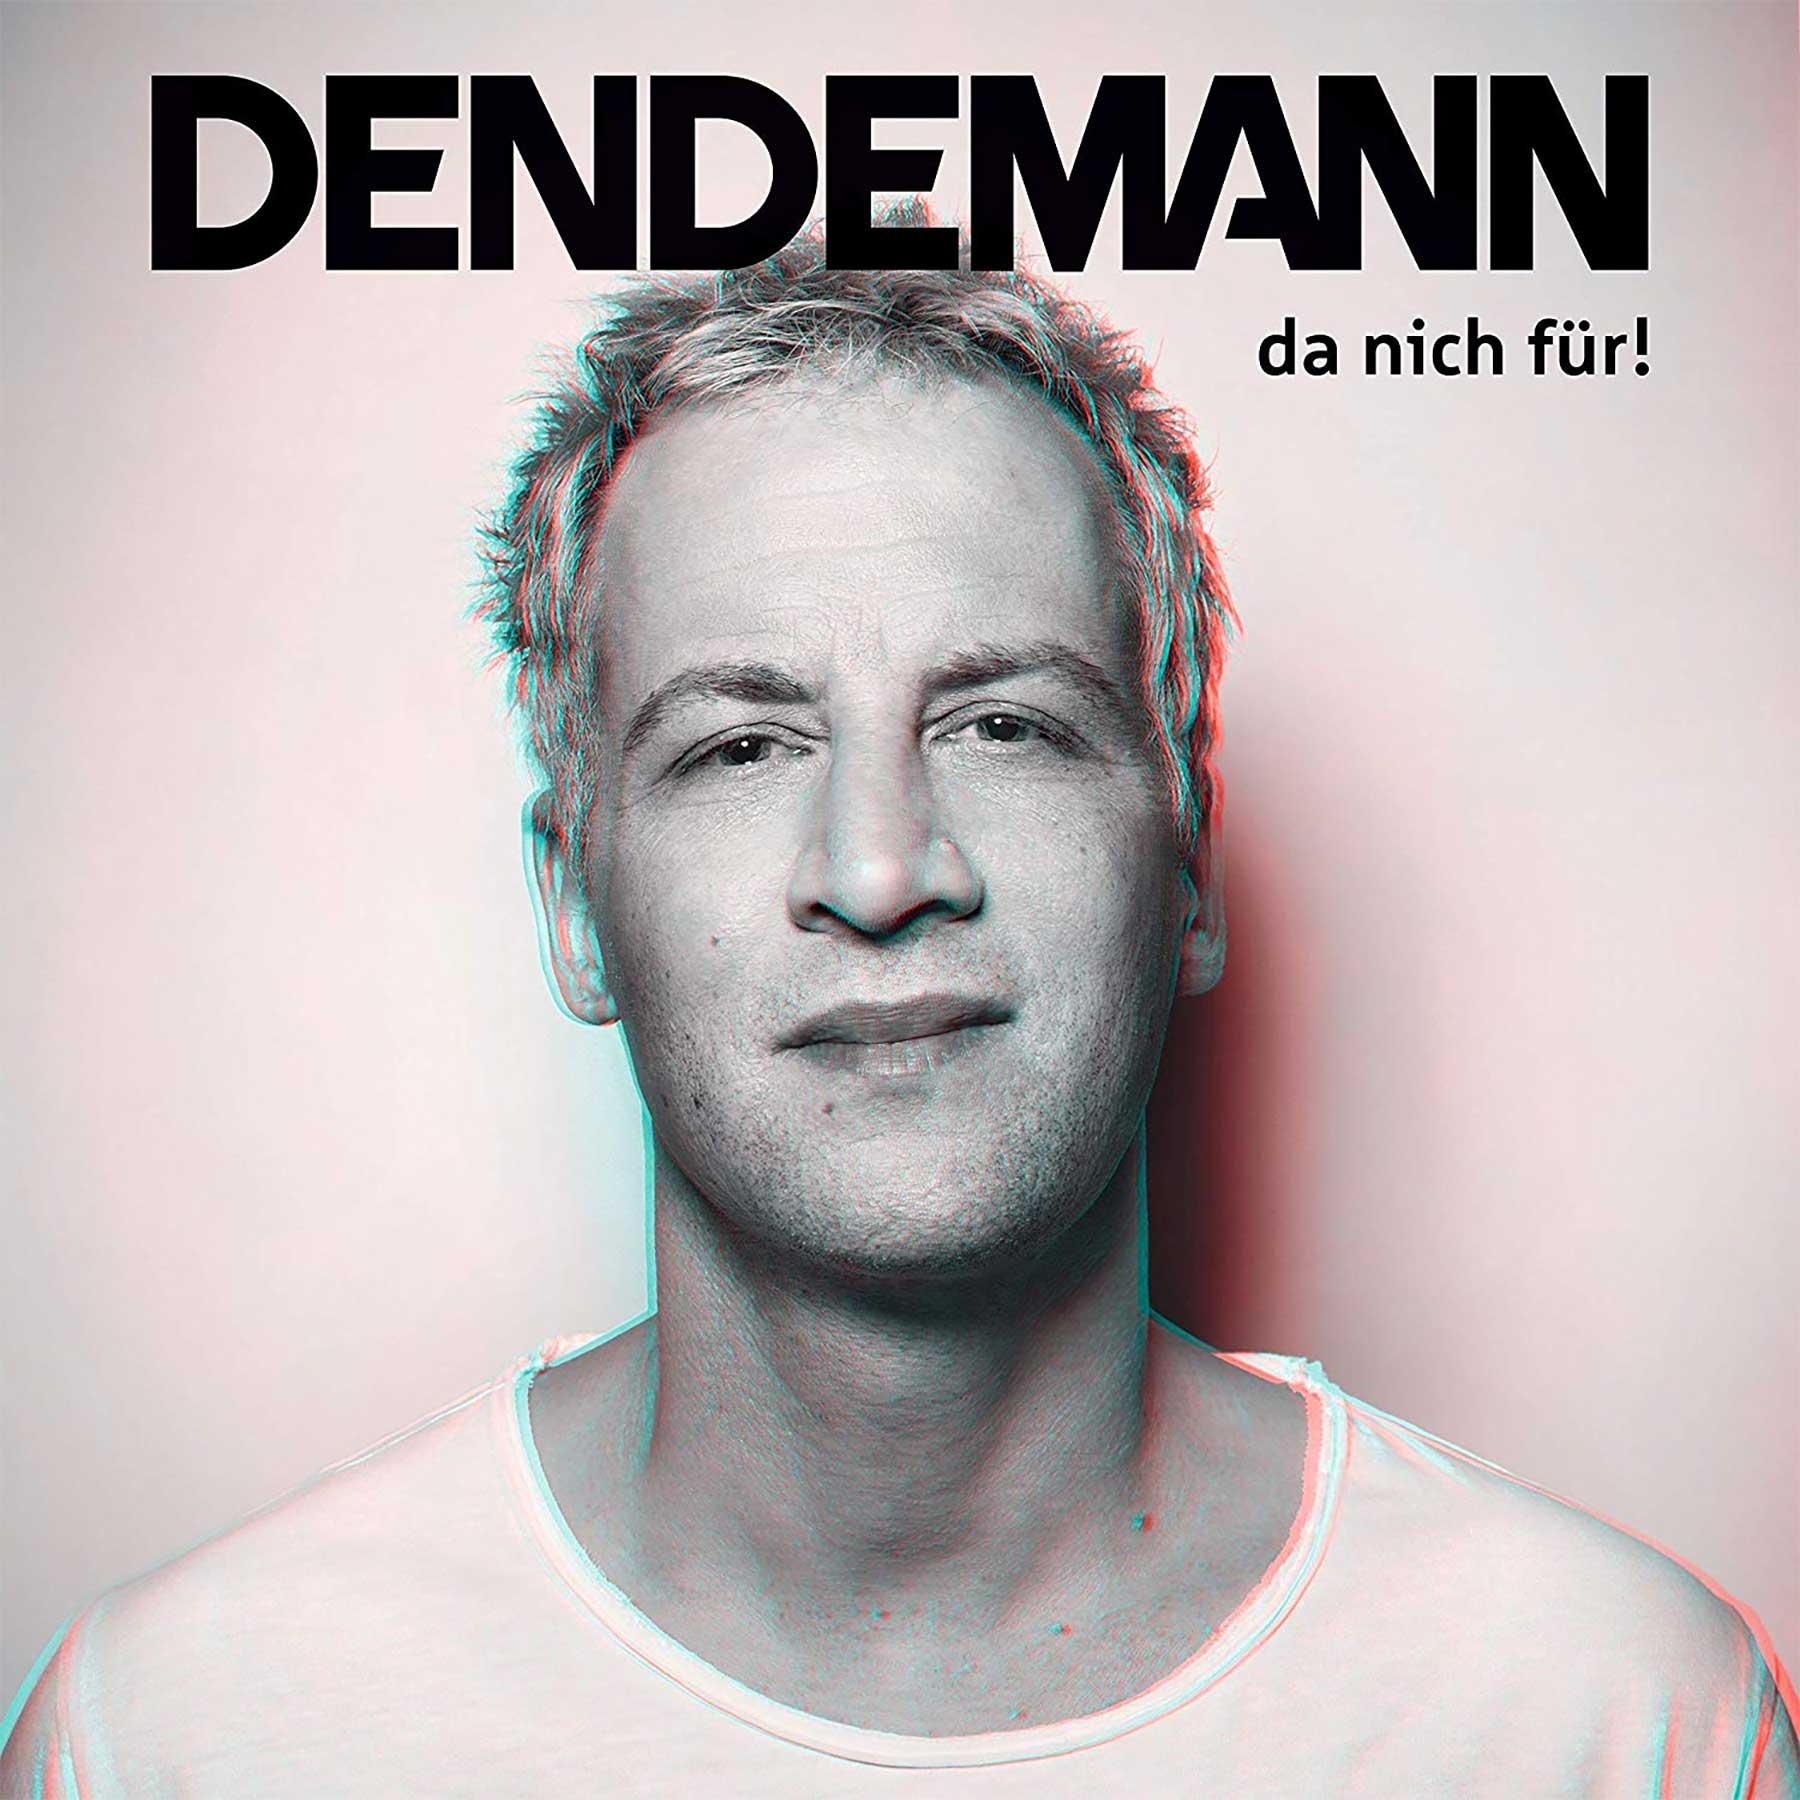 Dendemann - Keine Parolen / Wo ich wech bin dendemann-da-nich-fuer_albumcover